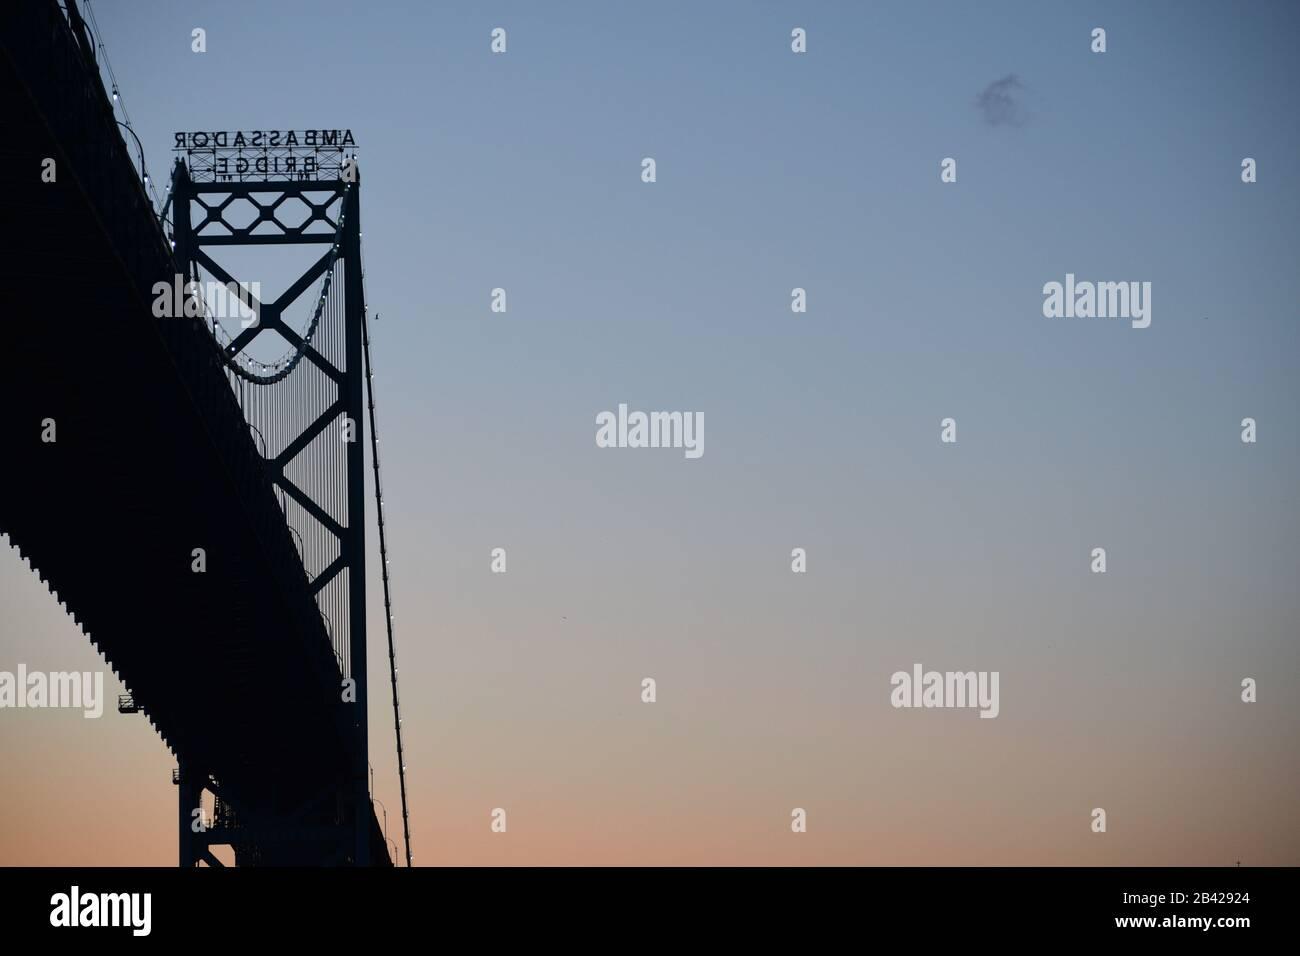 Vista del puente Ambassador desde Windsor, Ontario. Detroit - Canadá cruce fronterizo al atardecer. Espacio para texto en el cielo. Foto de stock